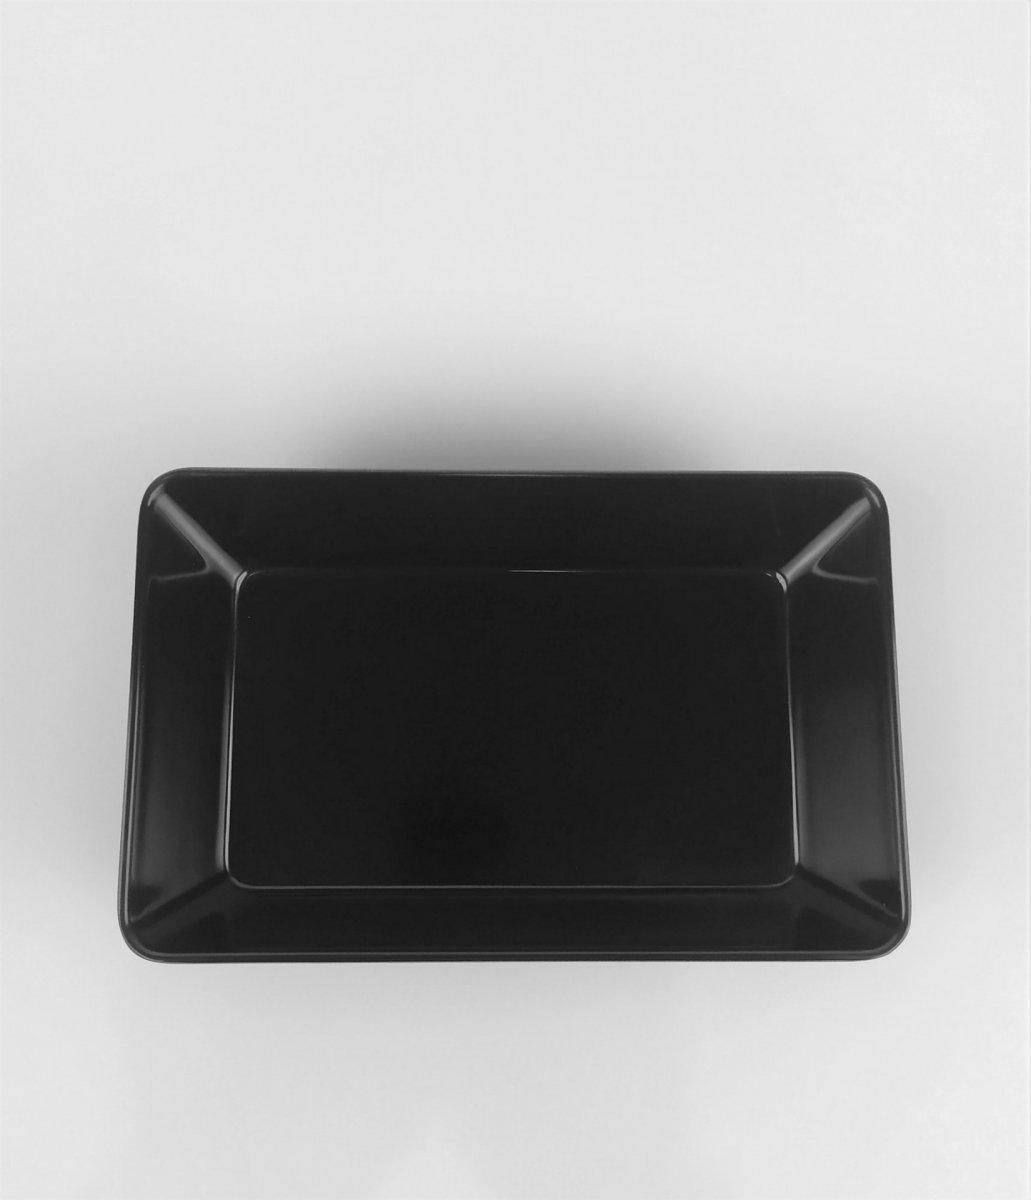 Блюдо One Chef  черное 22,6х14,7 см h6,2 см меламин (829)